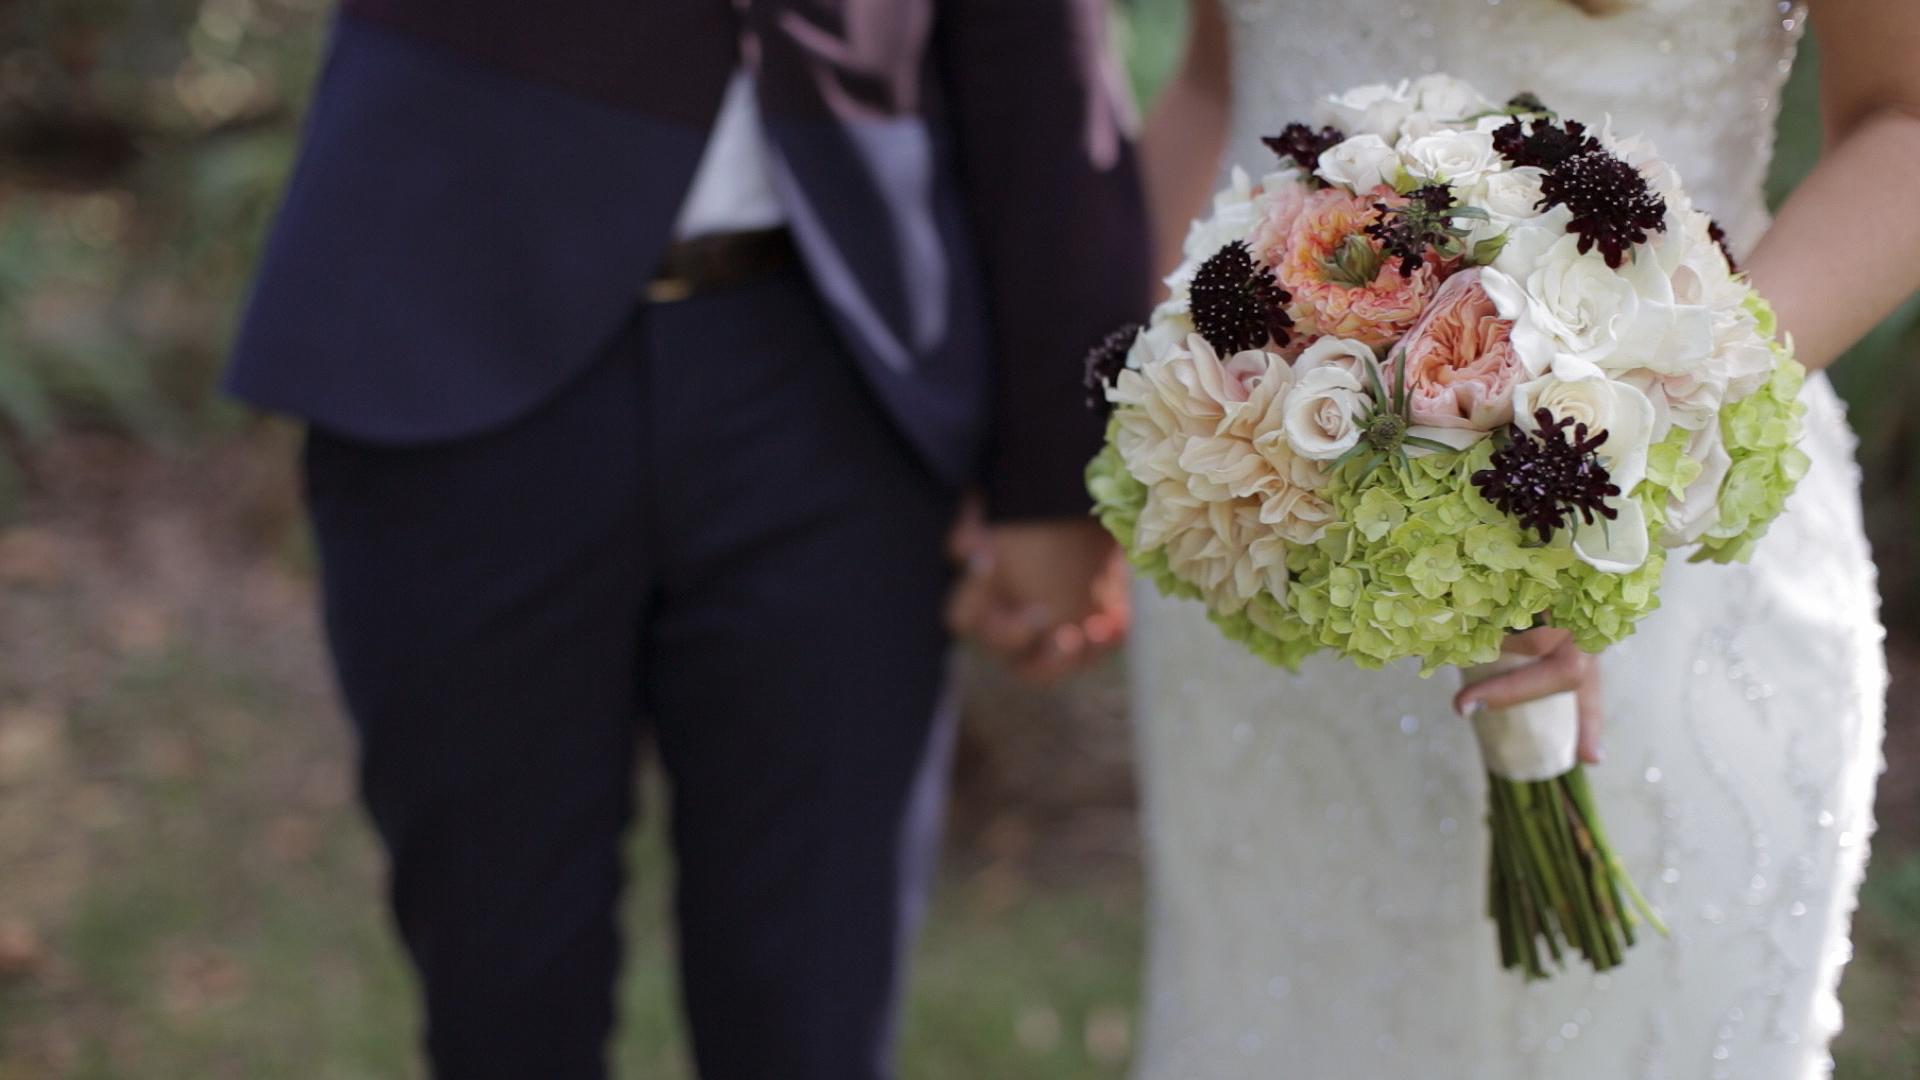 laurynandrew-bouquet.jpg